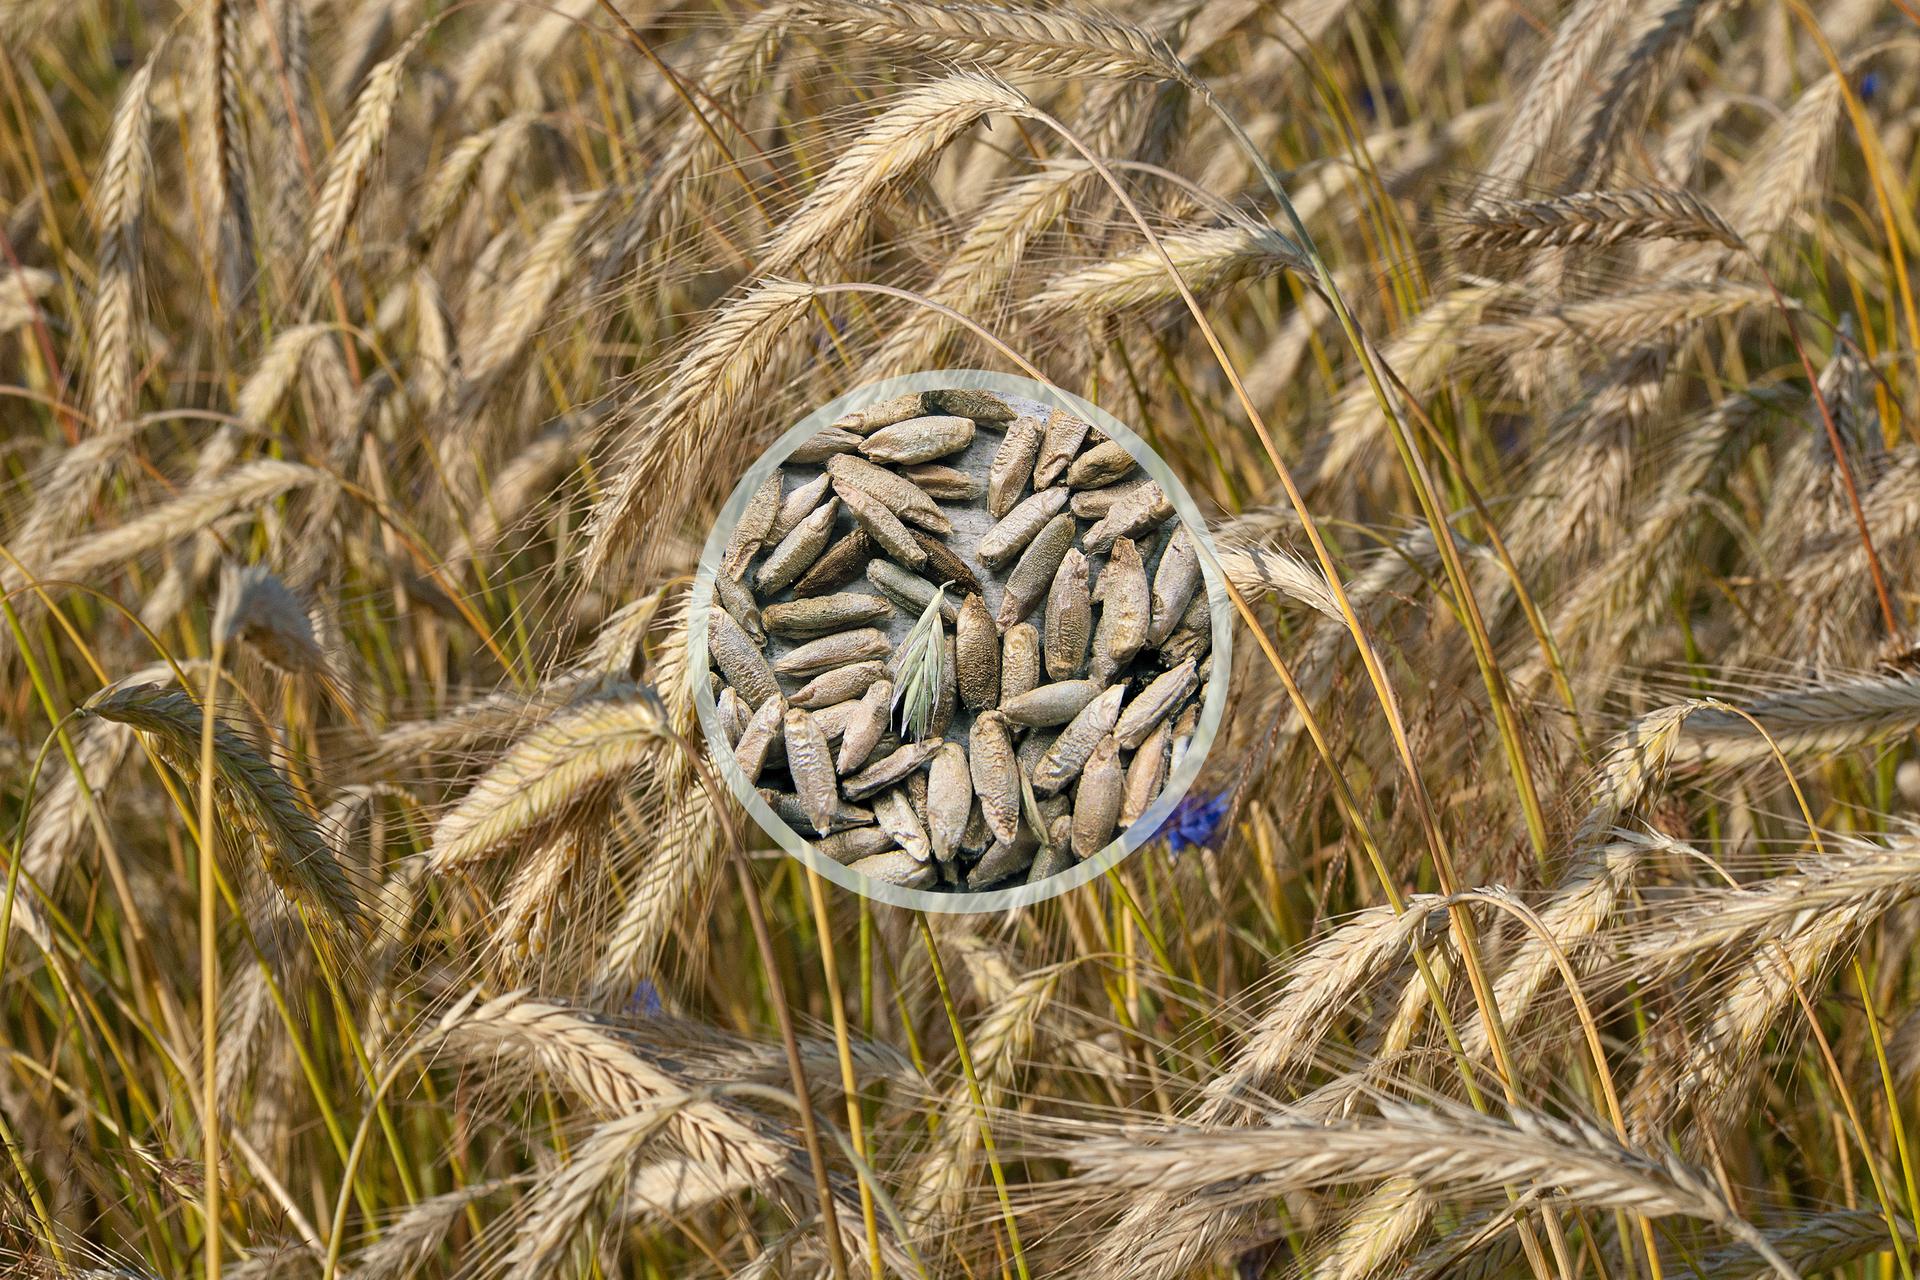 Fotografia przedstawia łan żyta. Ukazano pochylone kłosy zlicznymi nasionami zośćmi. Wcentrum nałożone zbliżenie szarych, podłużnych ziaren.